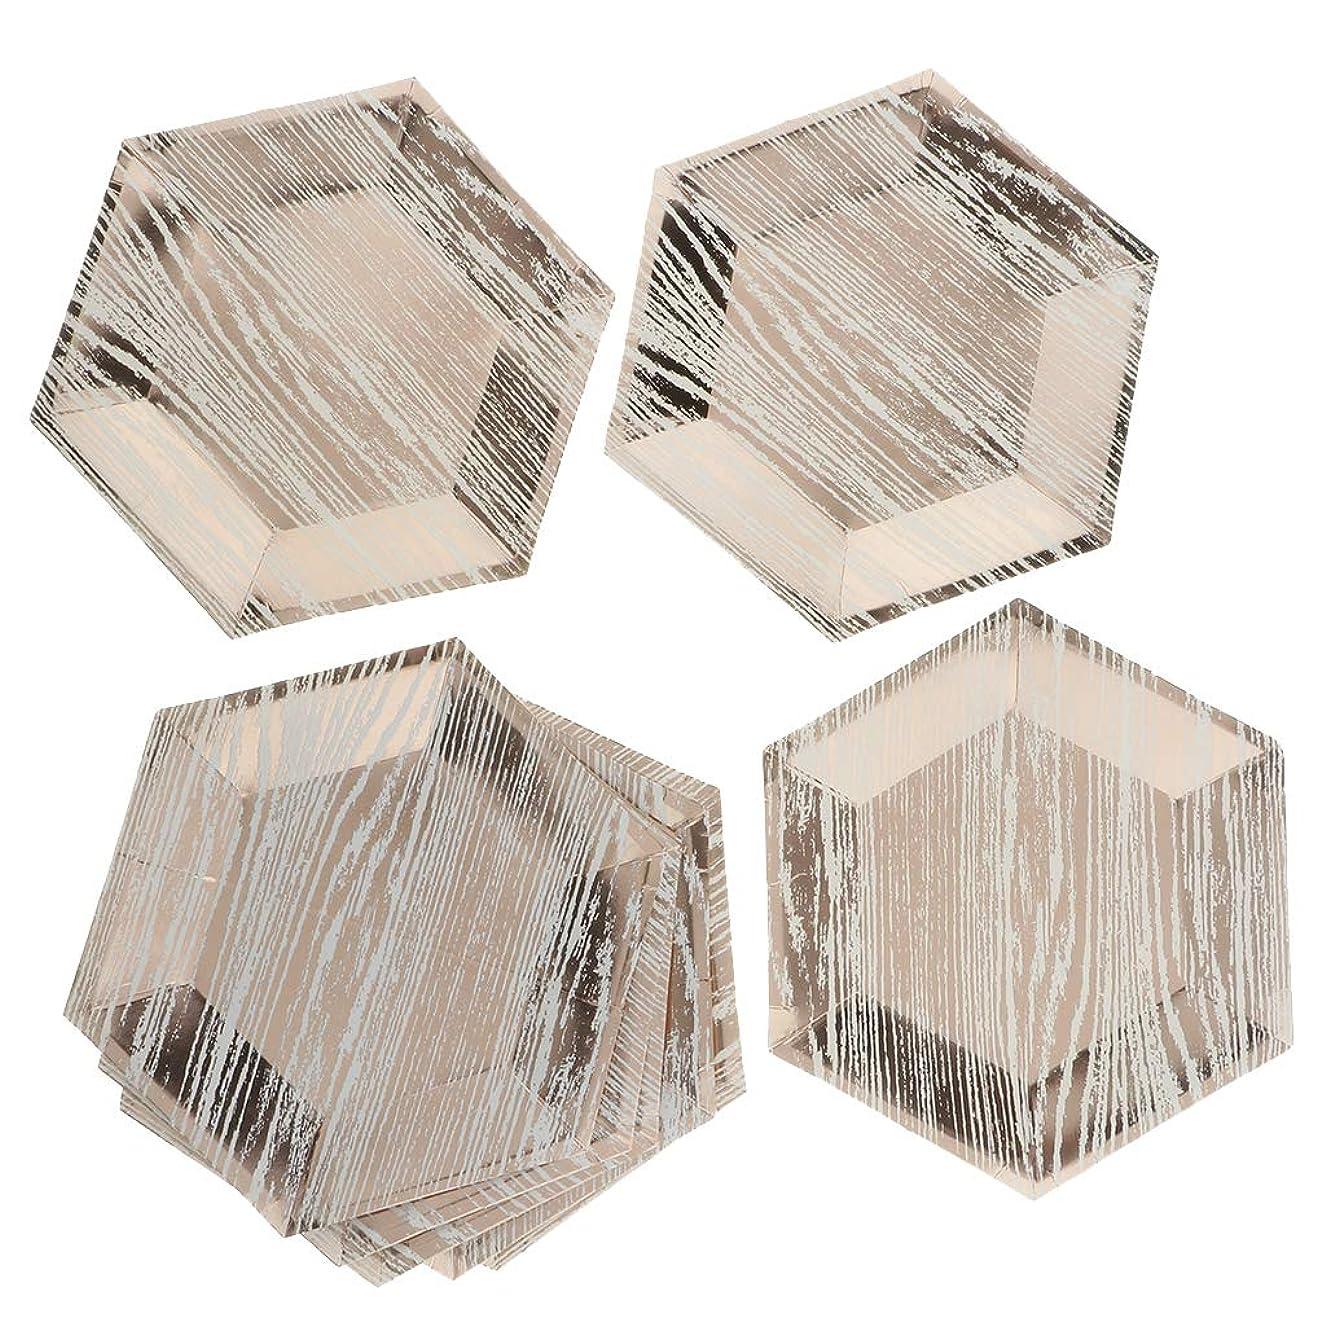 マーキー信頼性トランスミッションBaoblaze 8本 使い捨て プレート お皿 紙皿 食器 ホームパーティー レストラン 3色2サイズ選べ - ローズゴールド, 9インチ